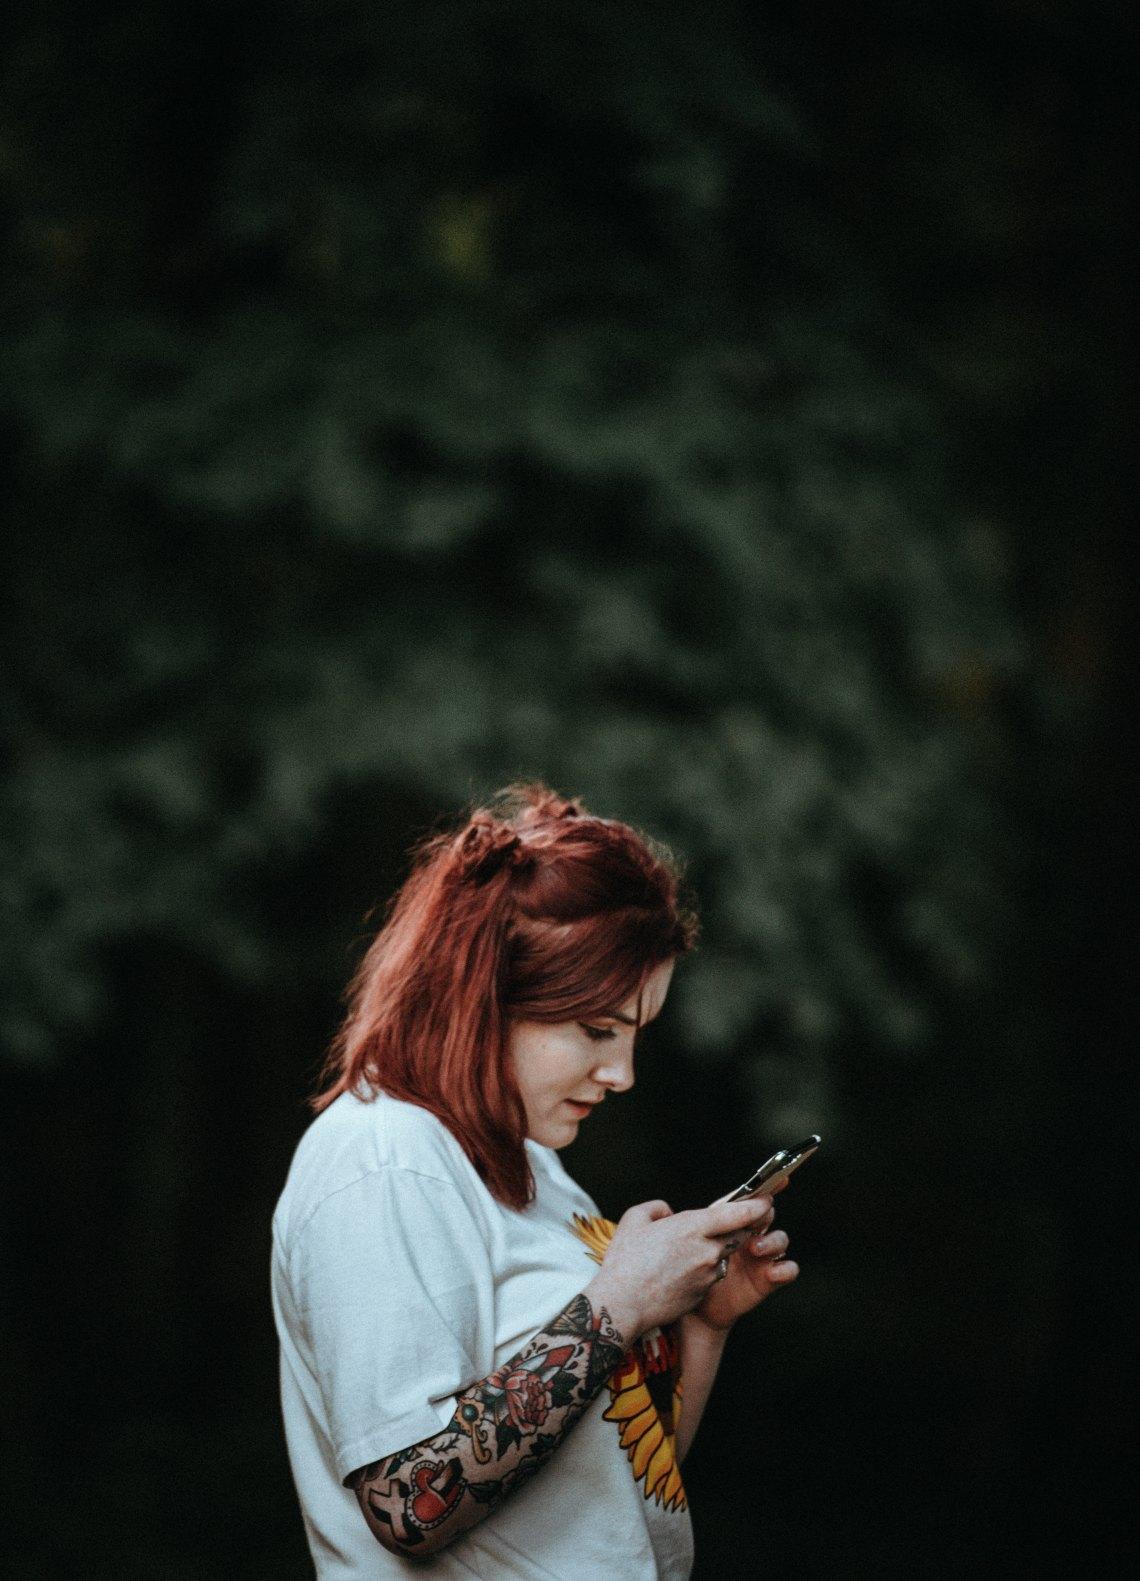 Girl snooping through phone